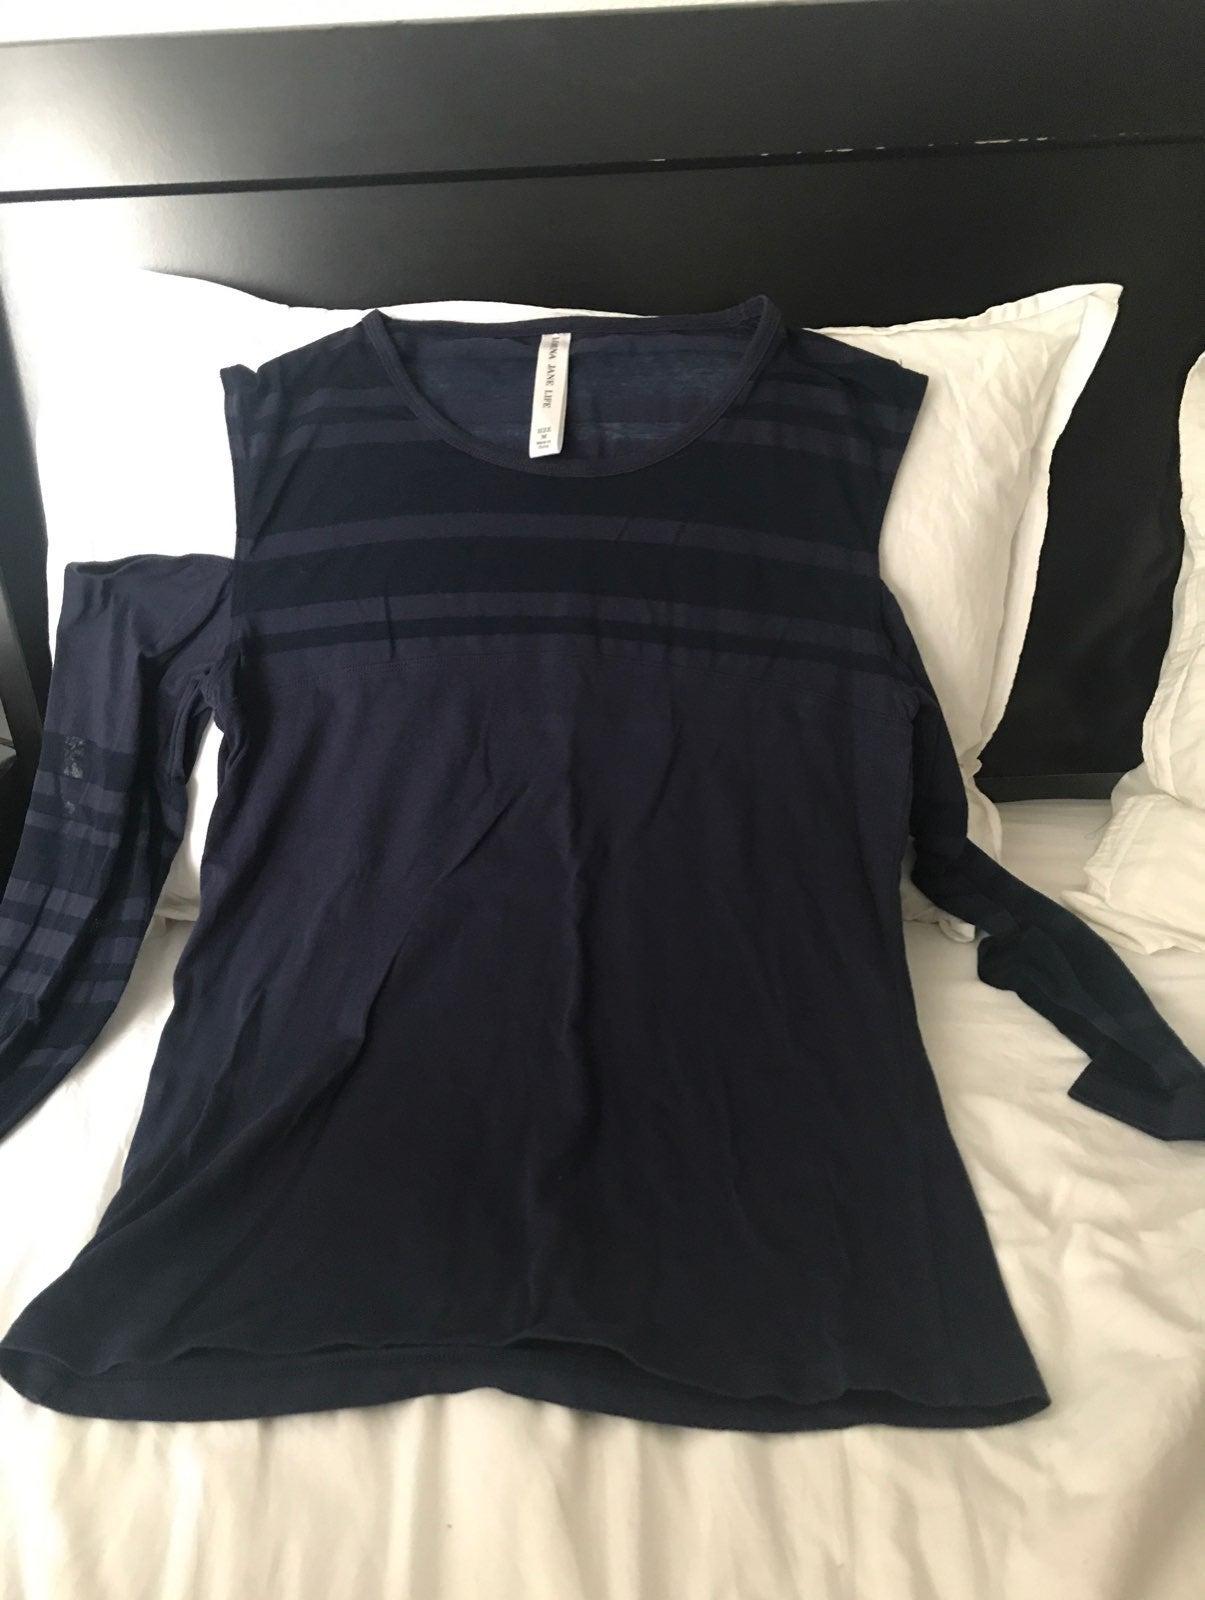 Lorna Jane long sleeve shoulderless top